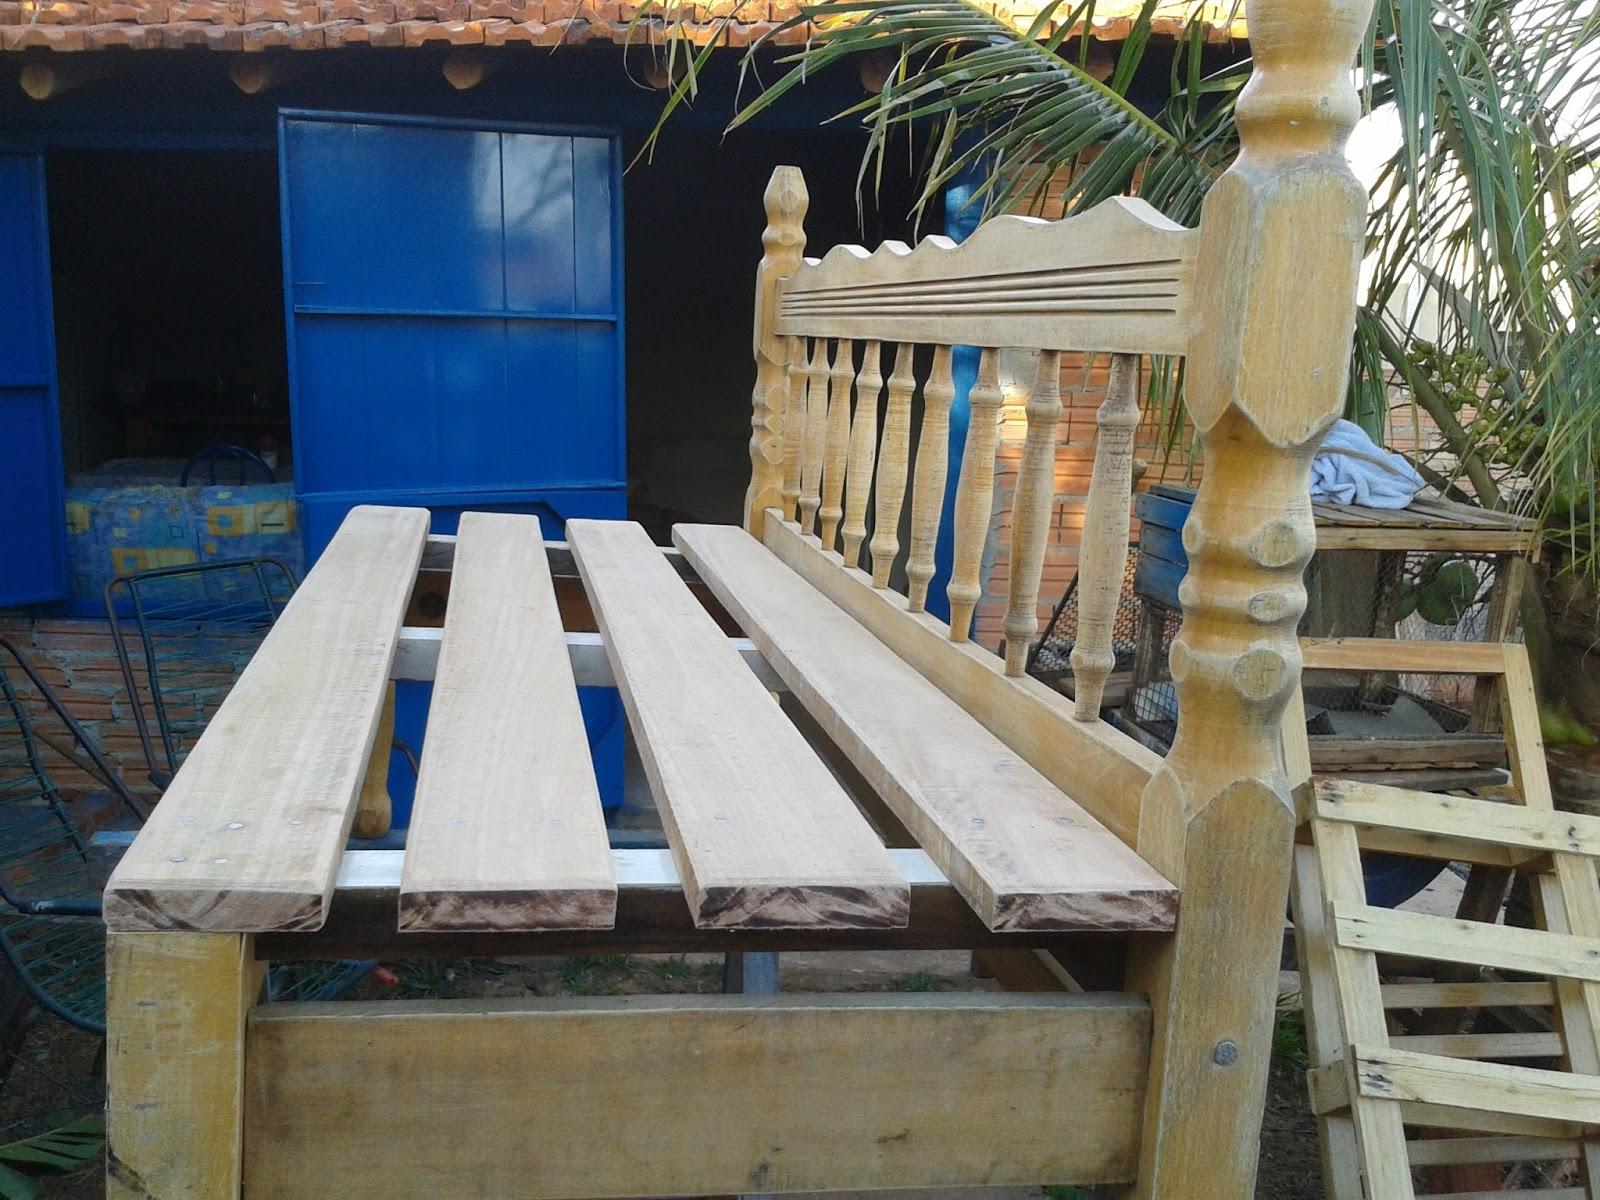 #0C3C7D Atelie Cantinho DA ARTE: CABECEIRA DE CAMA VIRA BANCO II 1600x1200 px como fazer mesa de madeira que vira banco @ bernauer.info Móveis Antigos Novos E Usados Online